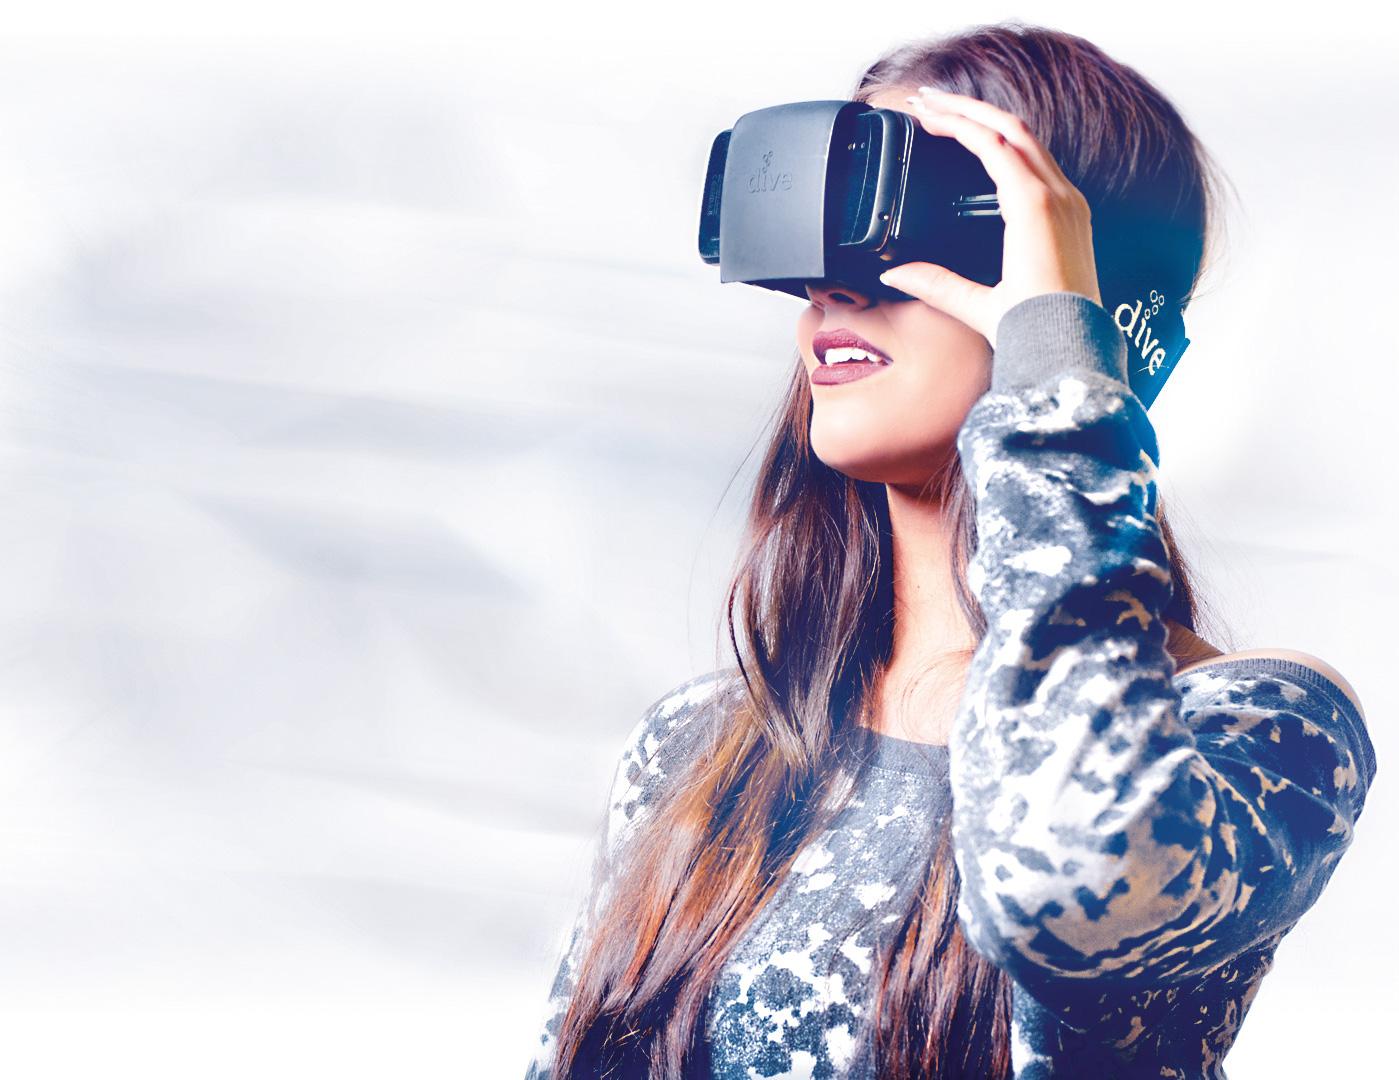 Réalité virtuelle & réalité augmentée : nouvel eldorado des marques ?